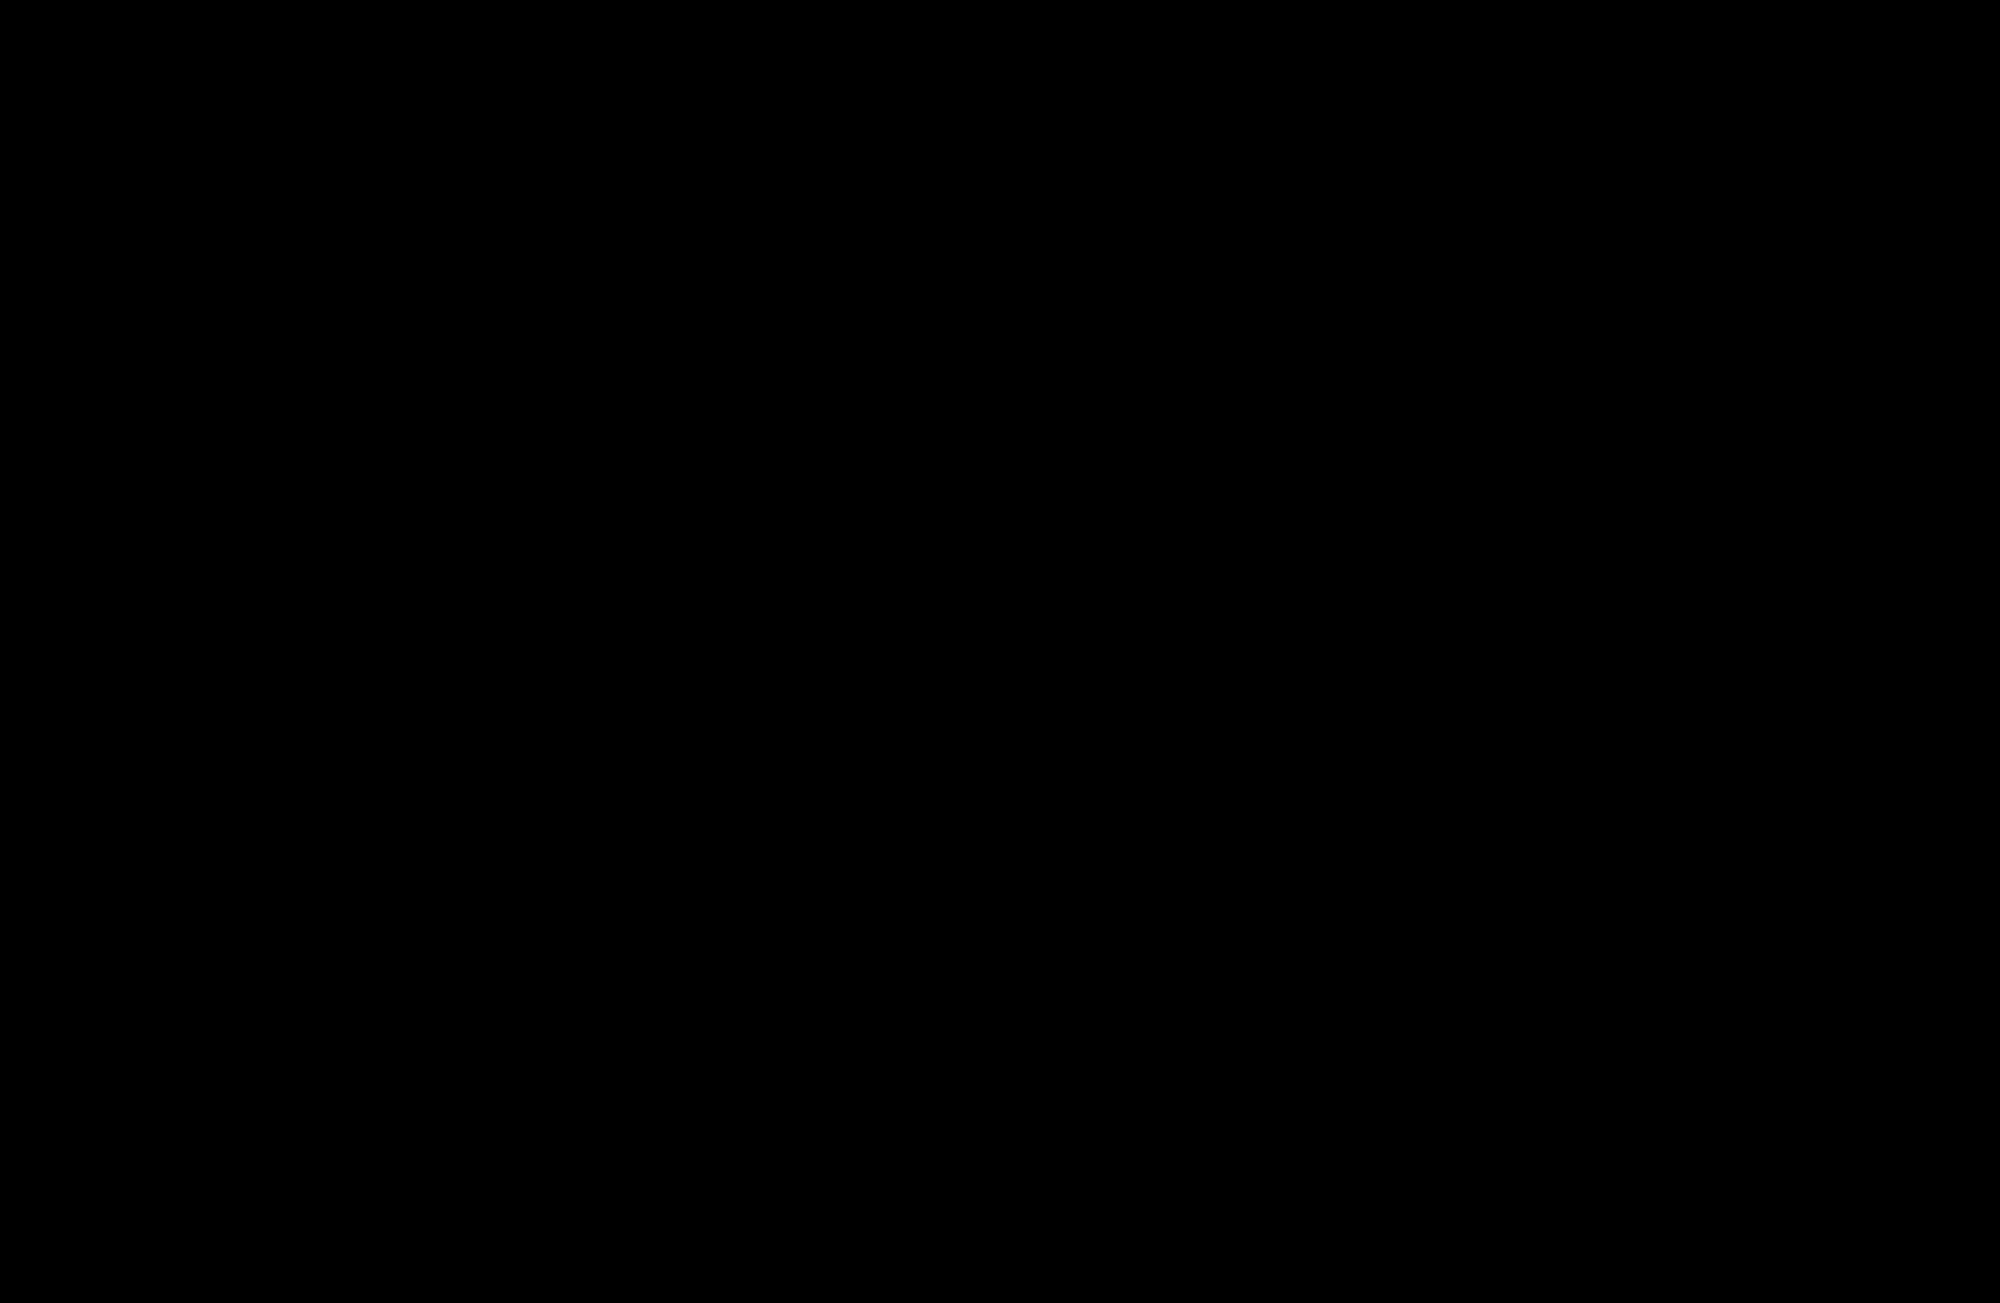 #GBGF-logo-black.png